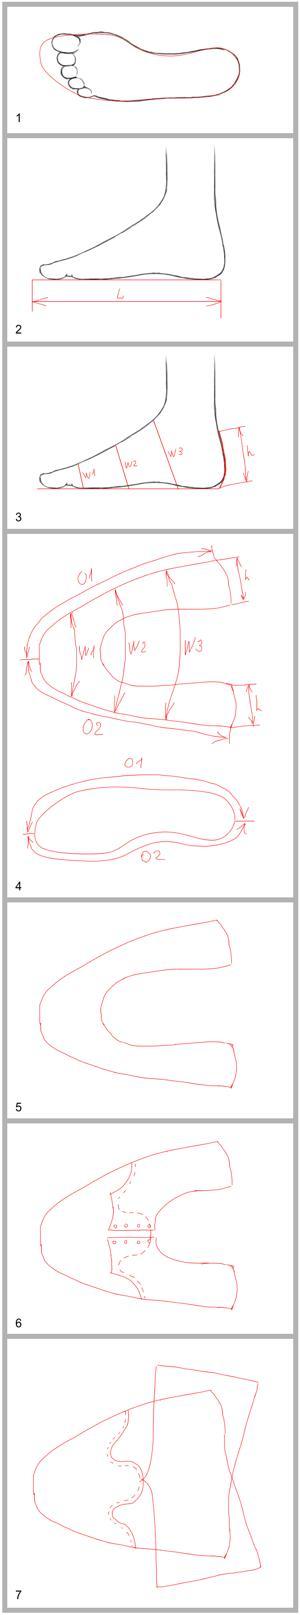 Принципы построения выкроек обуви Dzdndn13